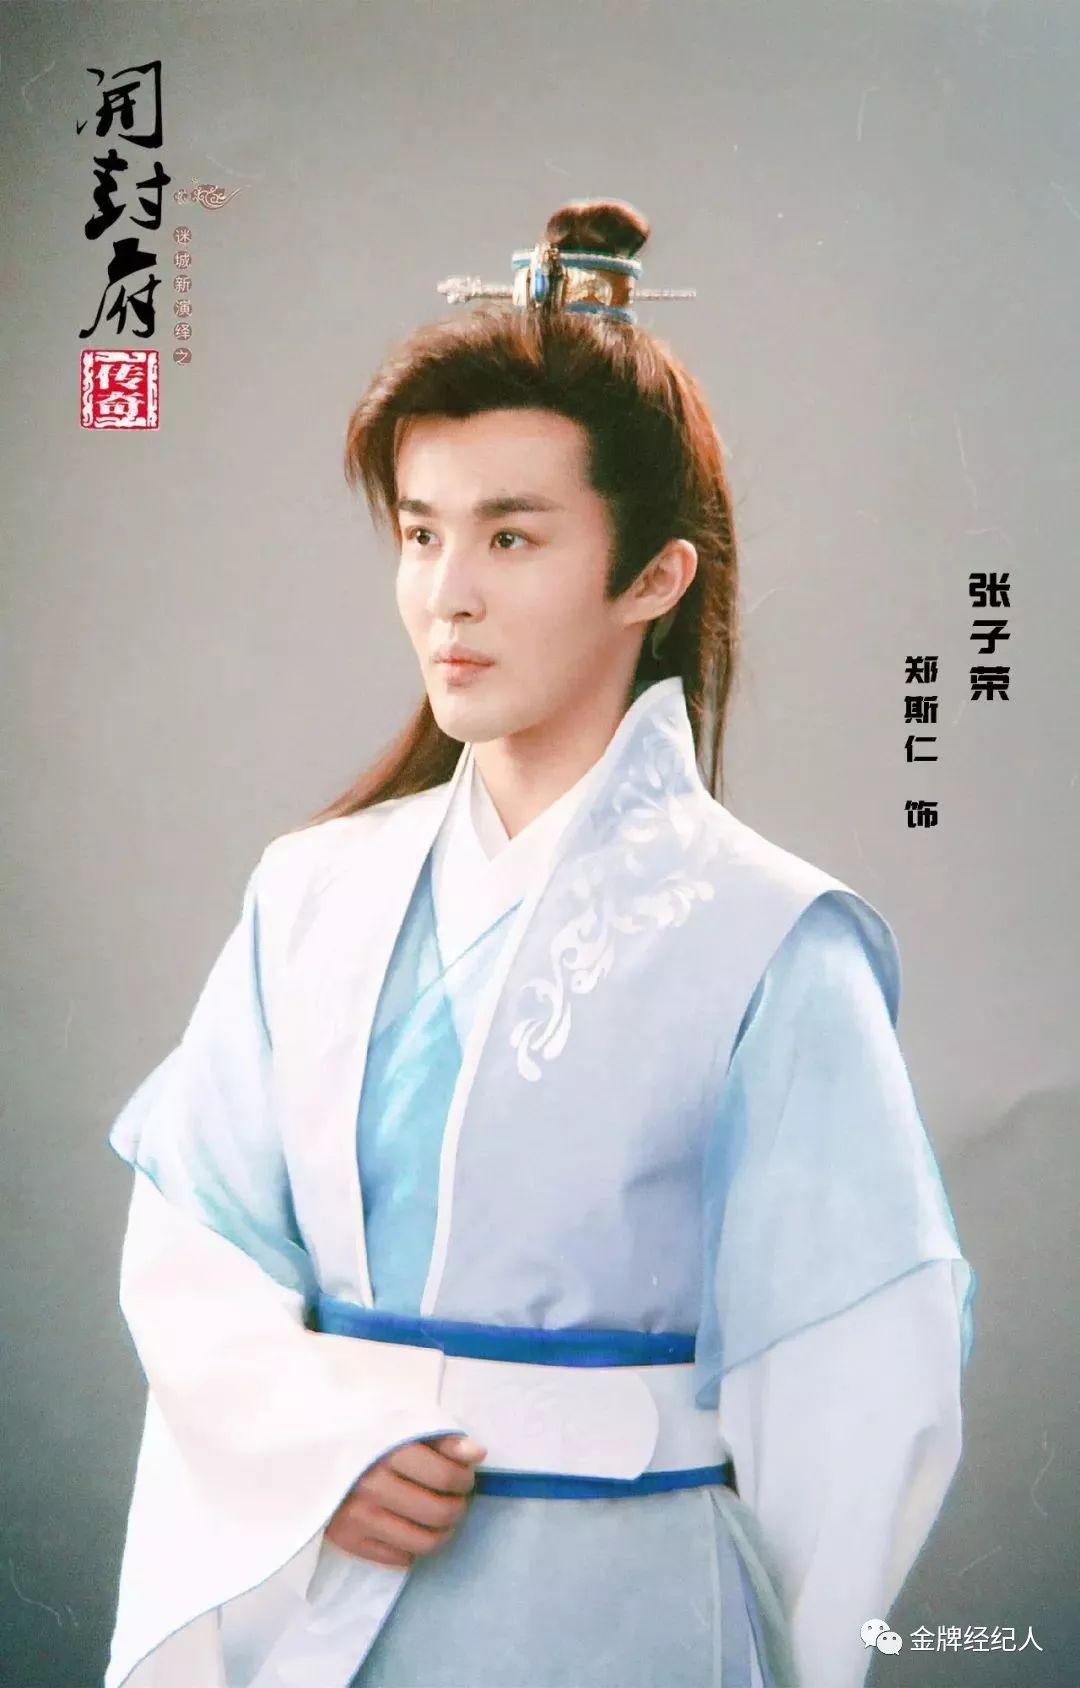 在《开封府传奇》中,郑斯仁饰演枢密使张德林家的二公子张子荣,不同图片